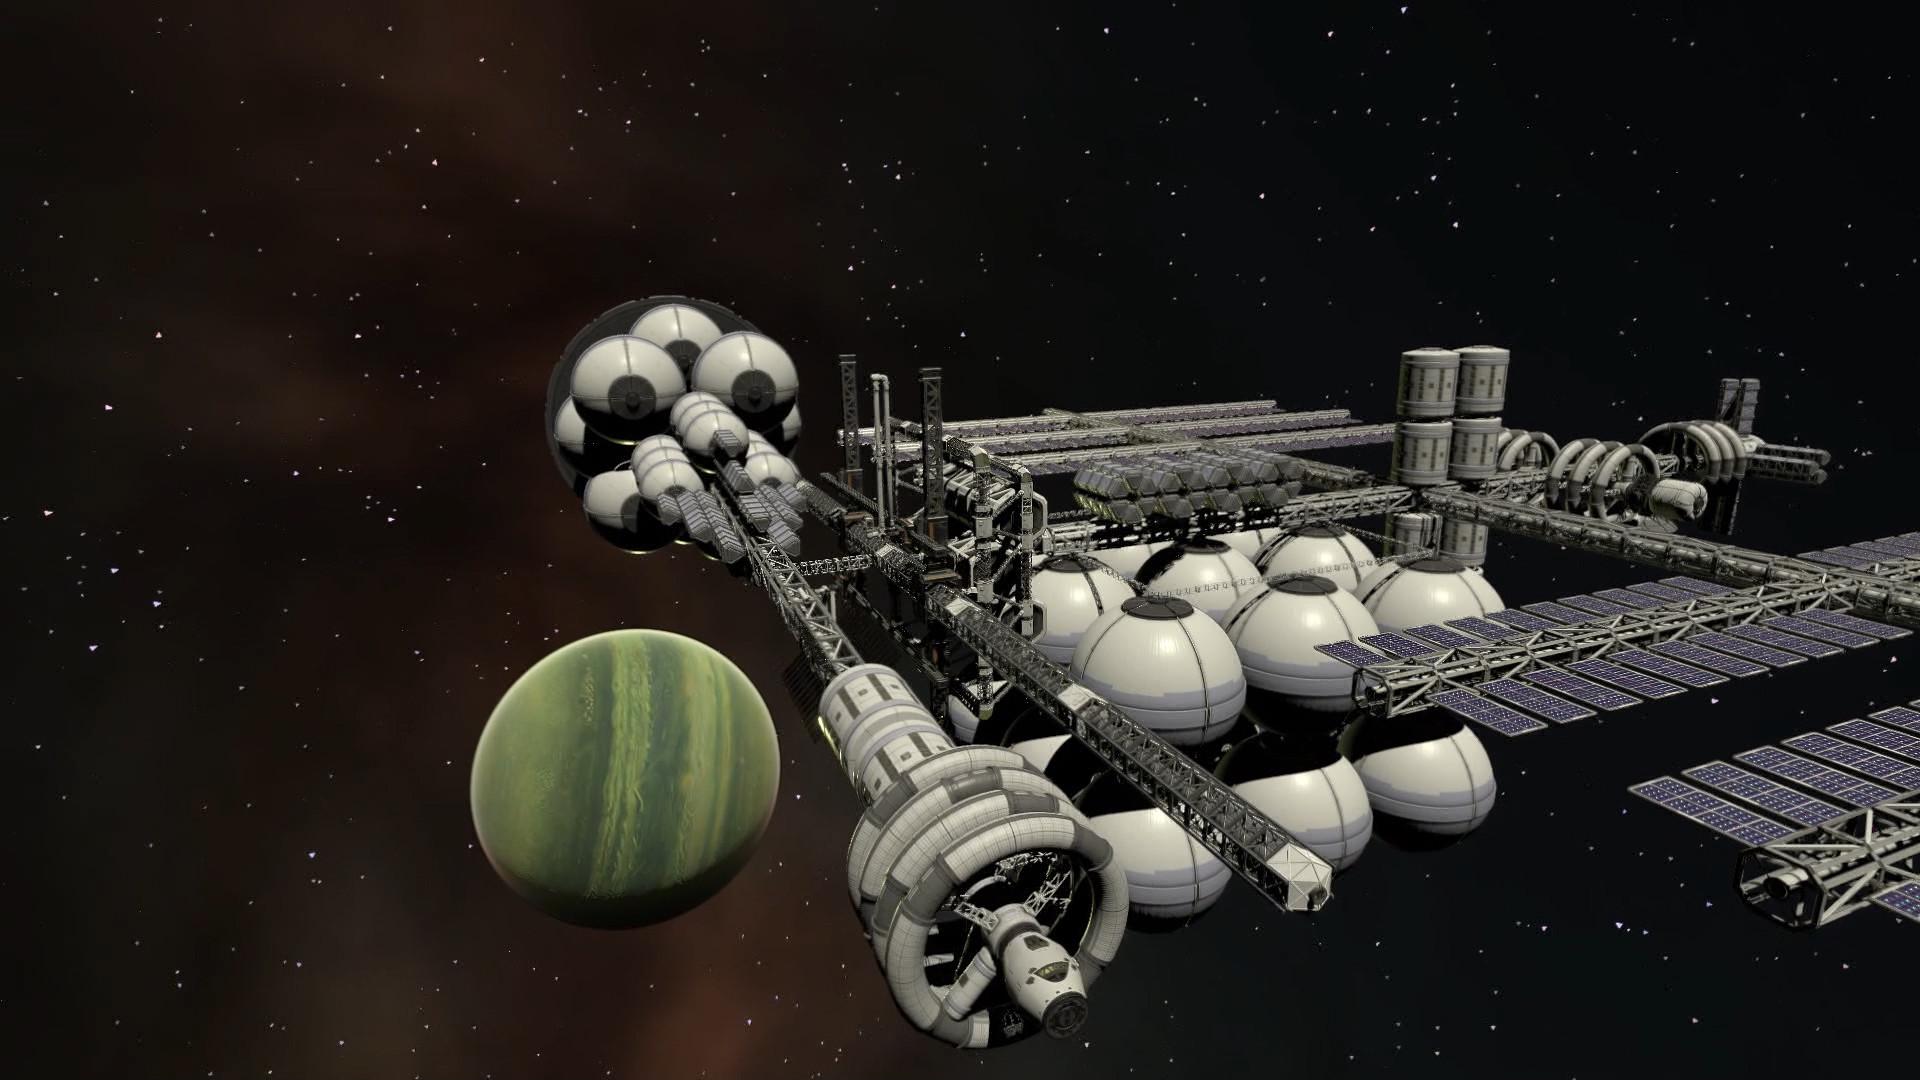 [Jeux] Kerbal Space Program 2 (2022) Ss_b2038b6ad3b7c22507fd1614e2781e59a01c1b5e.1920x1080